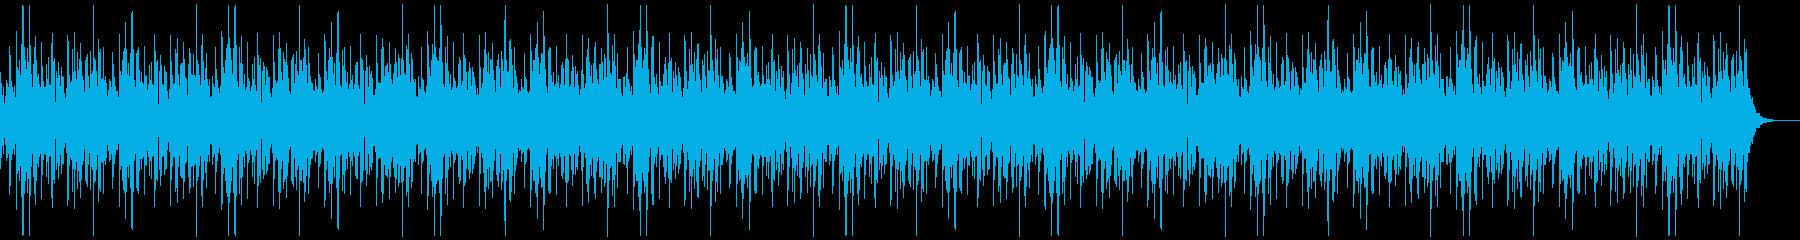 [ニュース報道・特集]ピアノ:知的の再生済みの波形